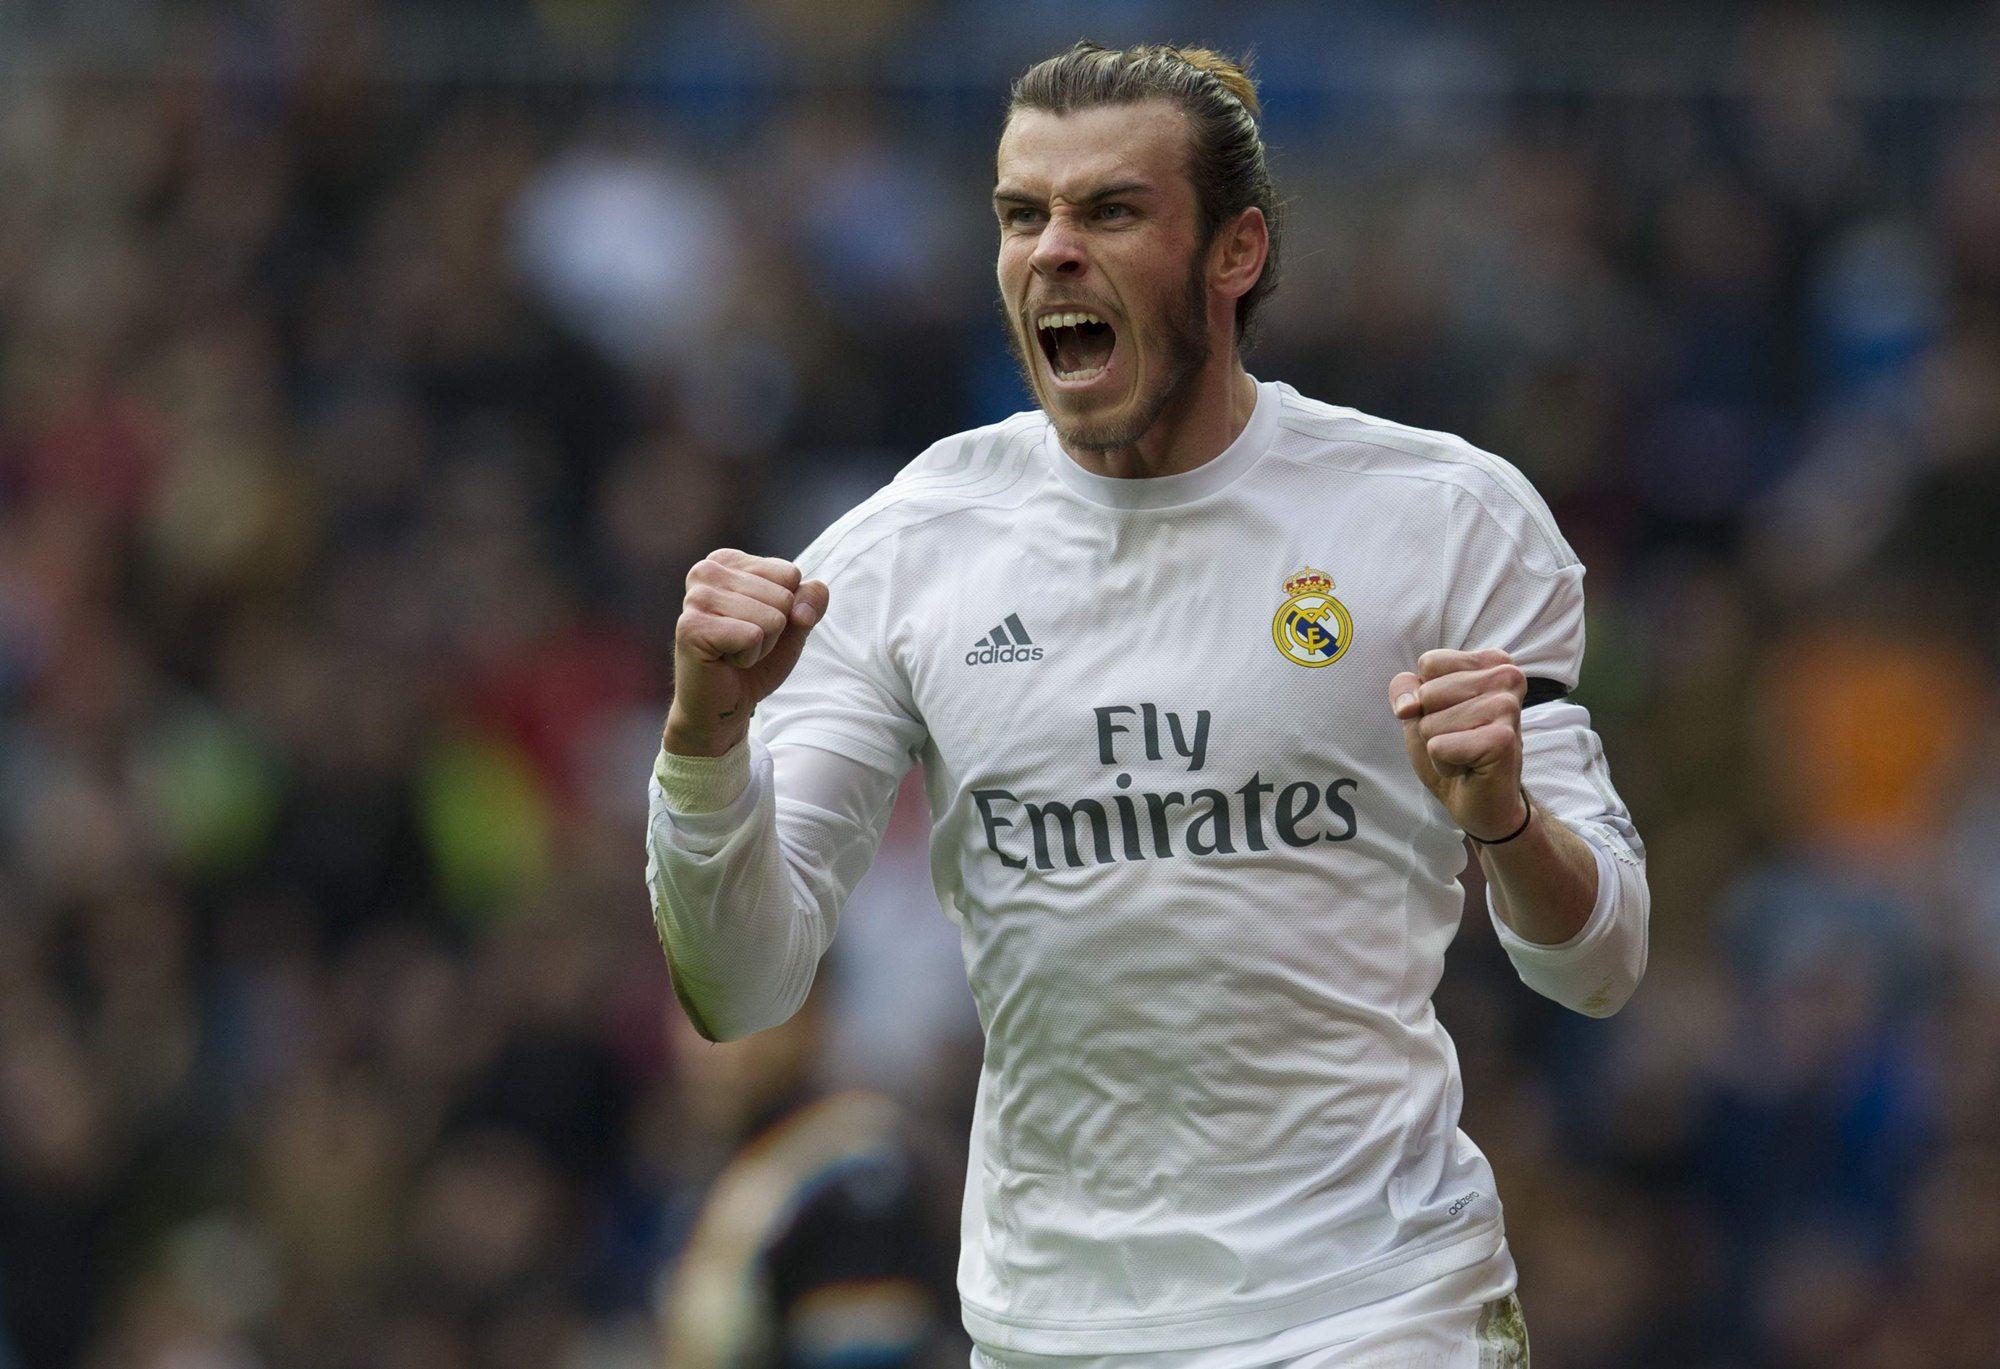 Real Madrid – Atletico Madrid: Supercupa Europei vazuta printr-o cota BOMBA de 3.60!